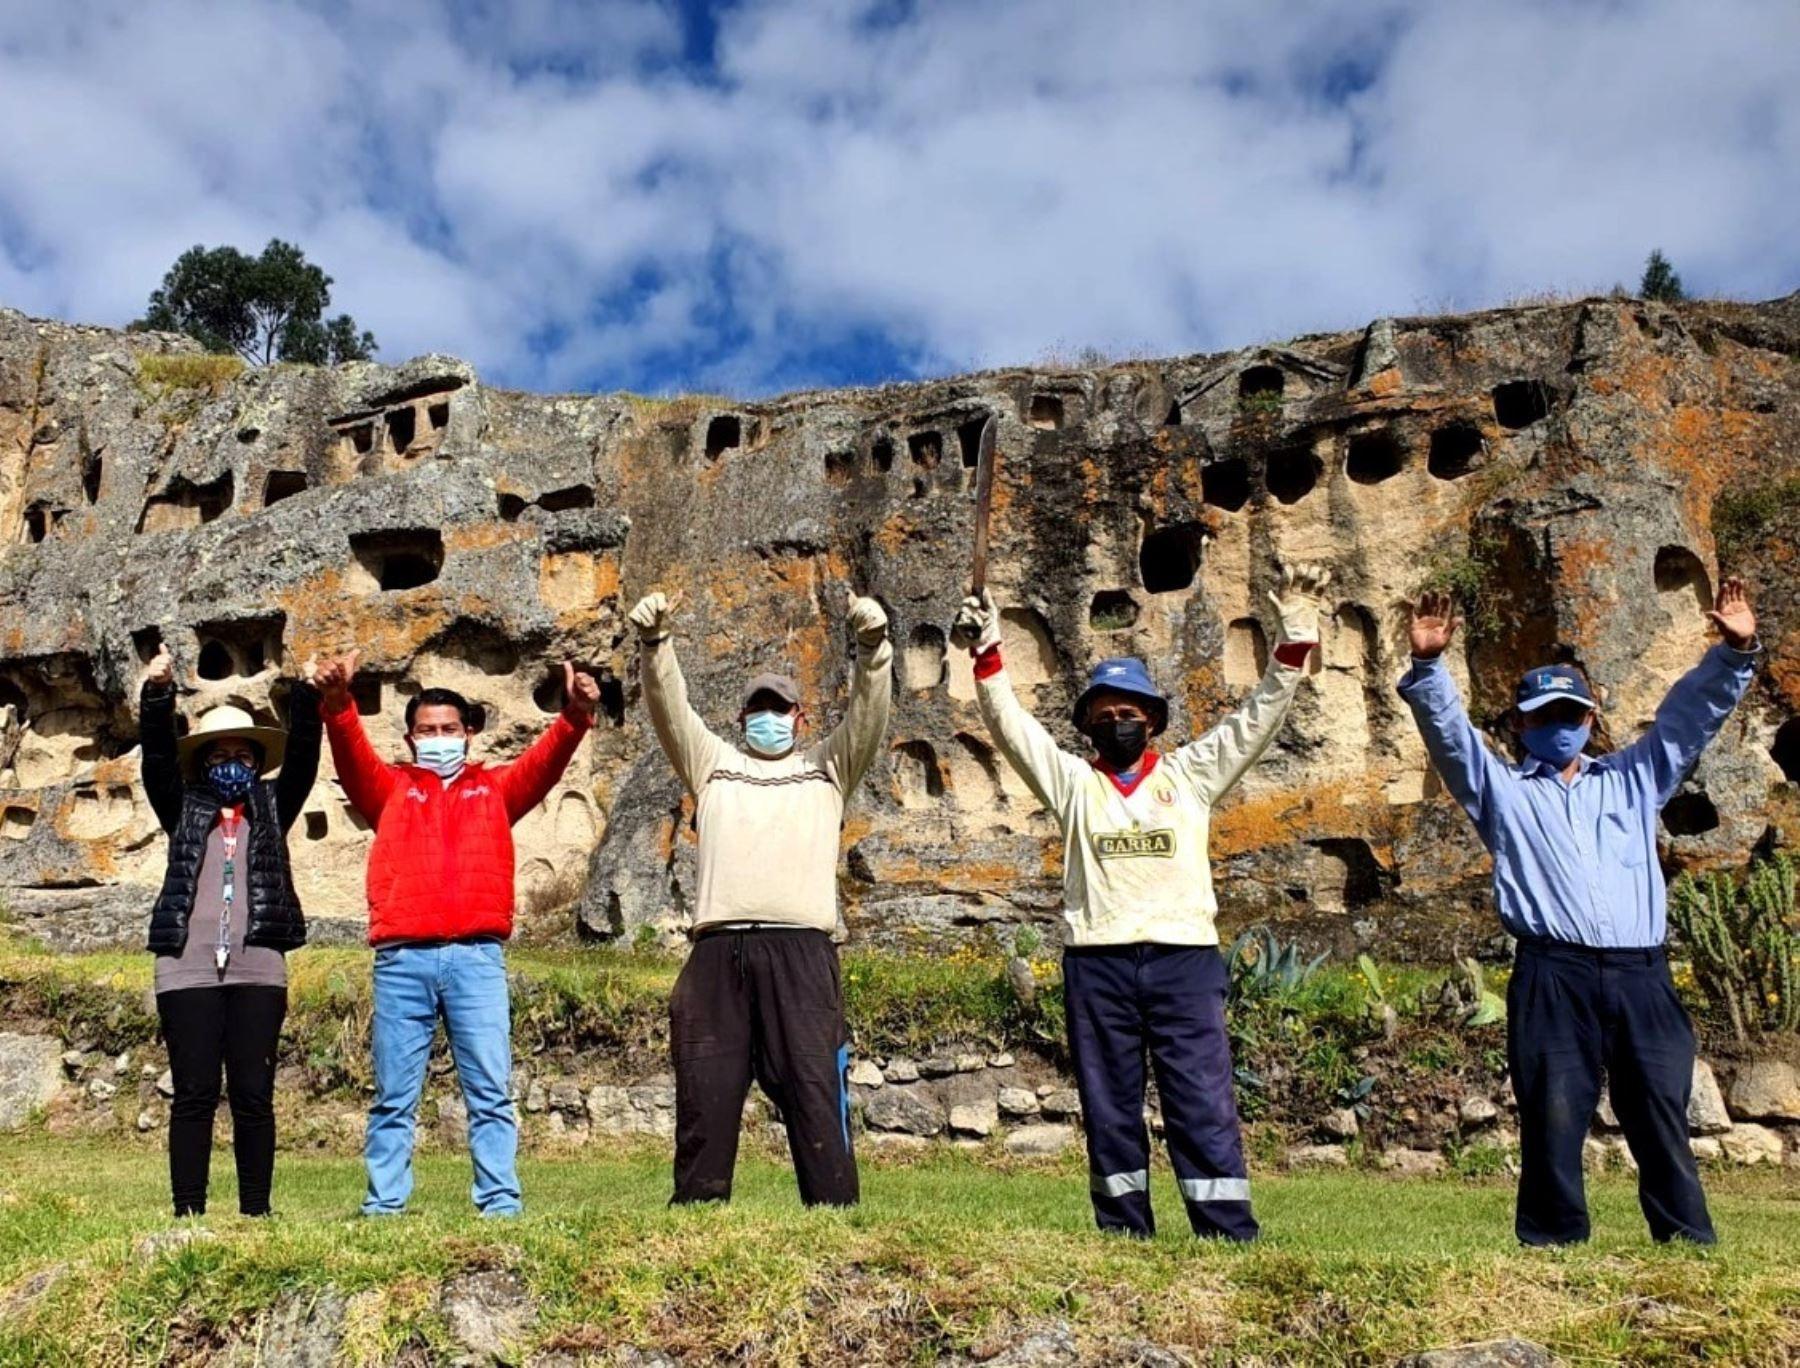 Ventanillas de Otuzco, el emblemático sitio arqueológico de Cajamarca, reabre sus puertas al turismo mañana martes 15 luego de implementar un protocolo sanitario para evitar la propagación de la covid-19. ANDINA/Difusión